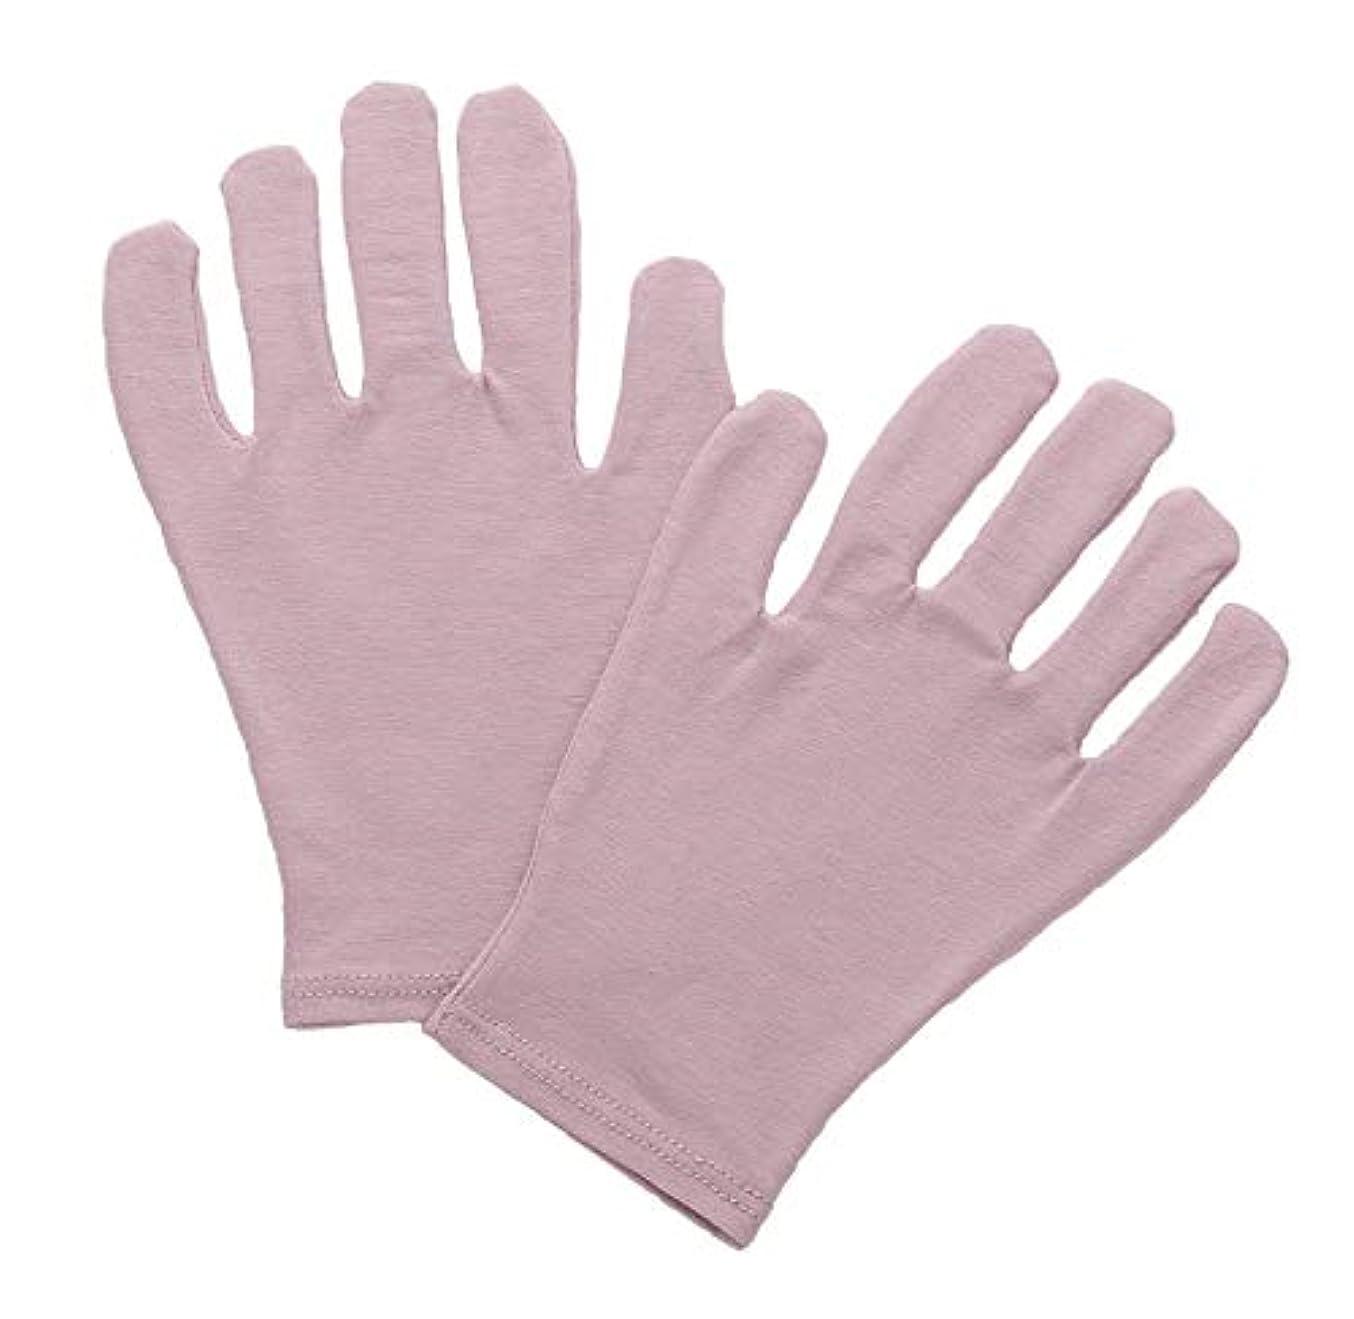 避難するインフラドラッグ椿オイル配合 スキンケア おやすみ手袋 在庫処分 お買い得品